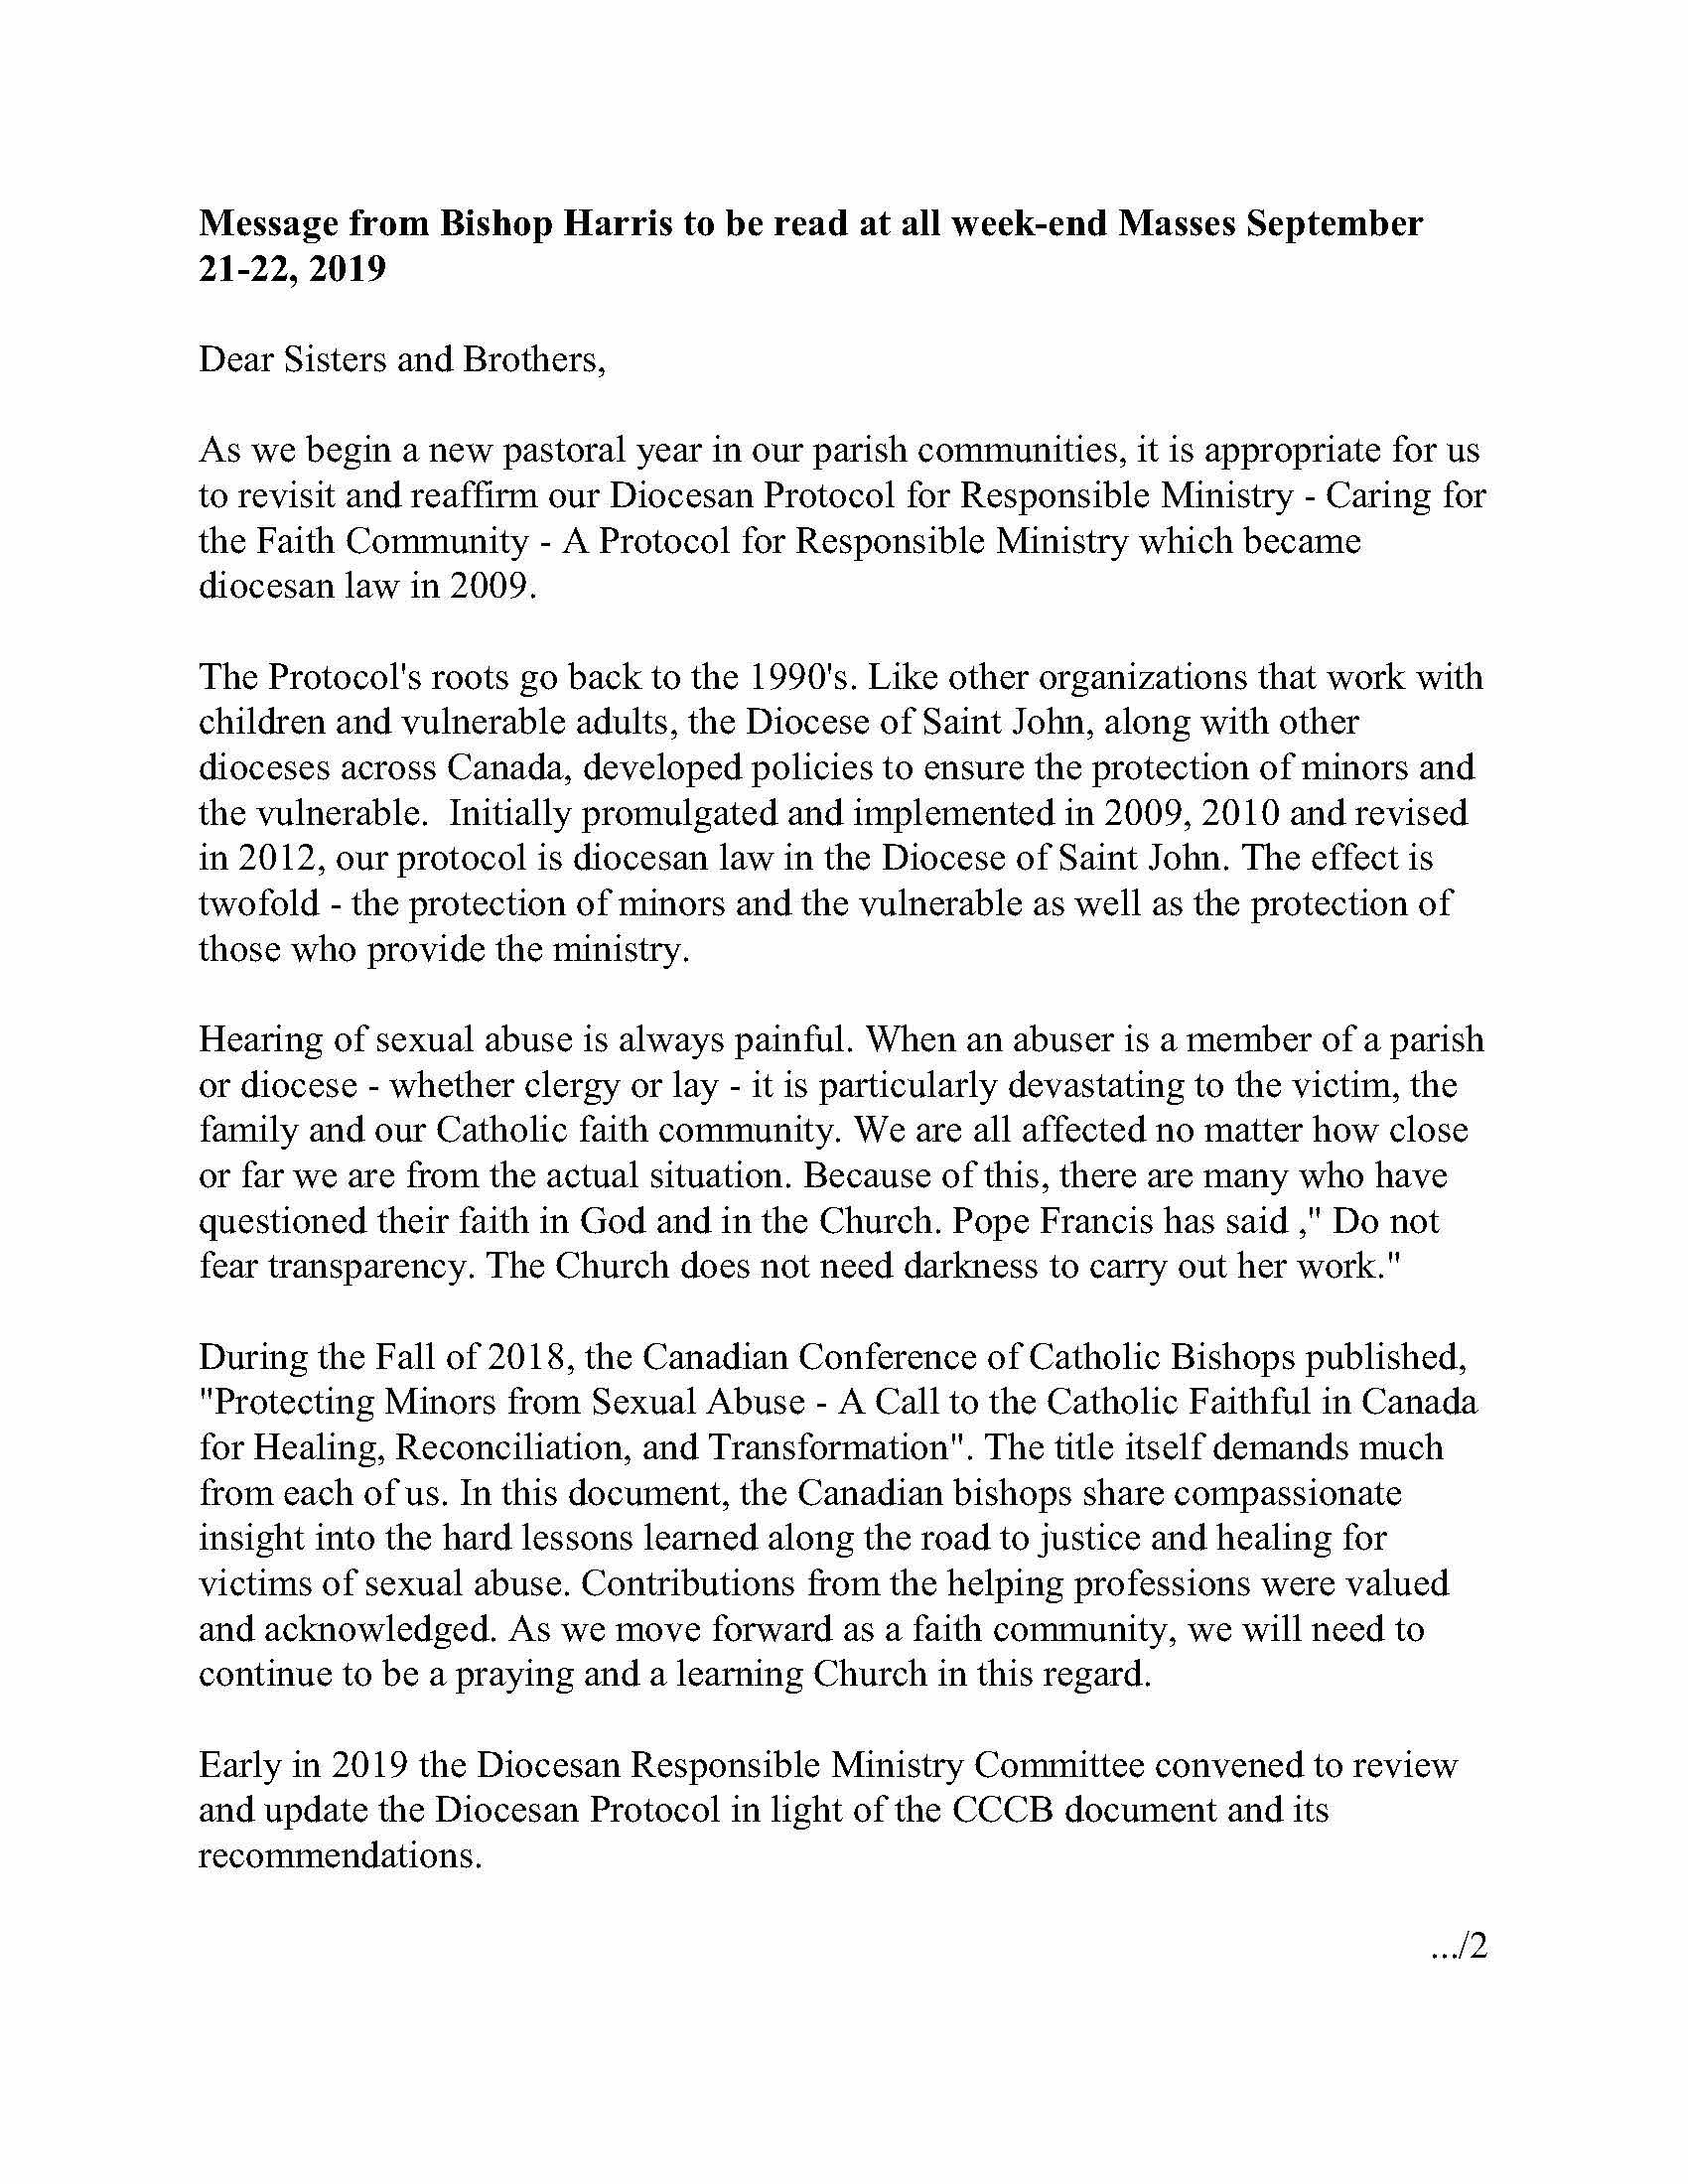 Letter - Bishop Harris